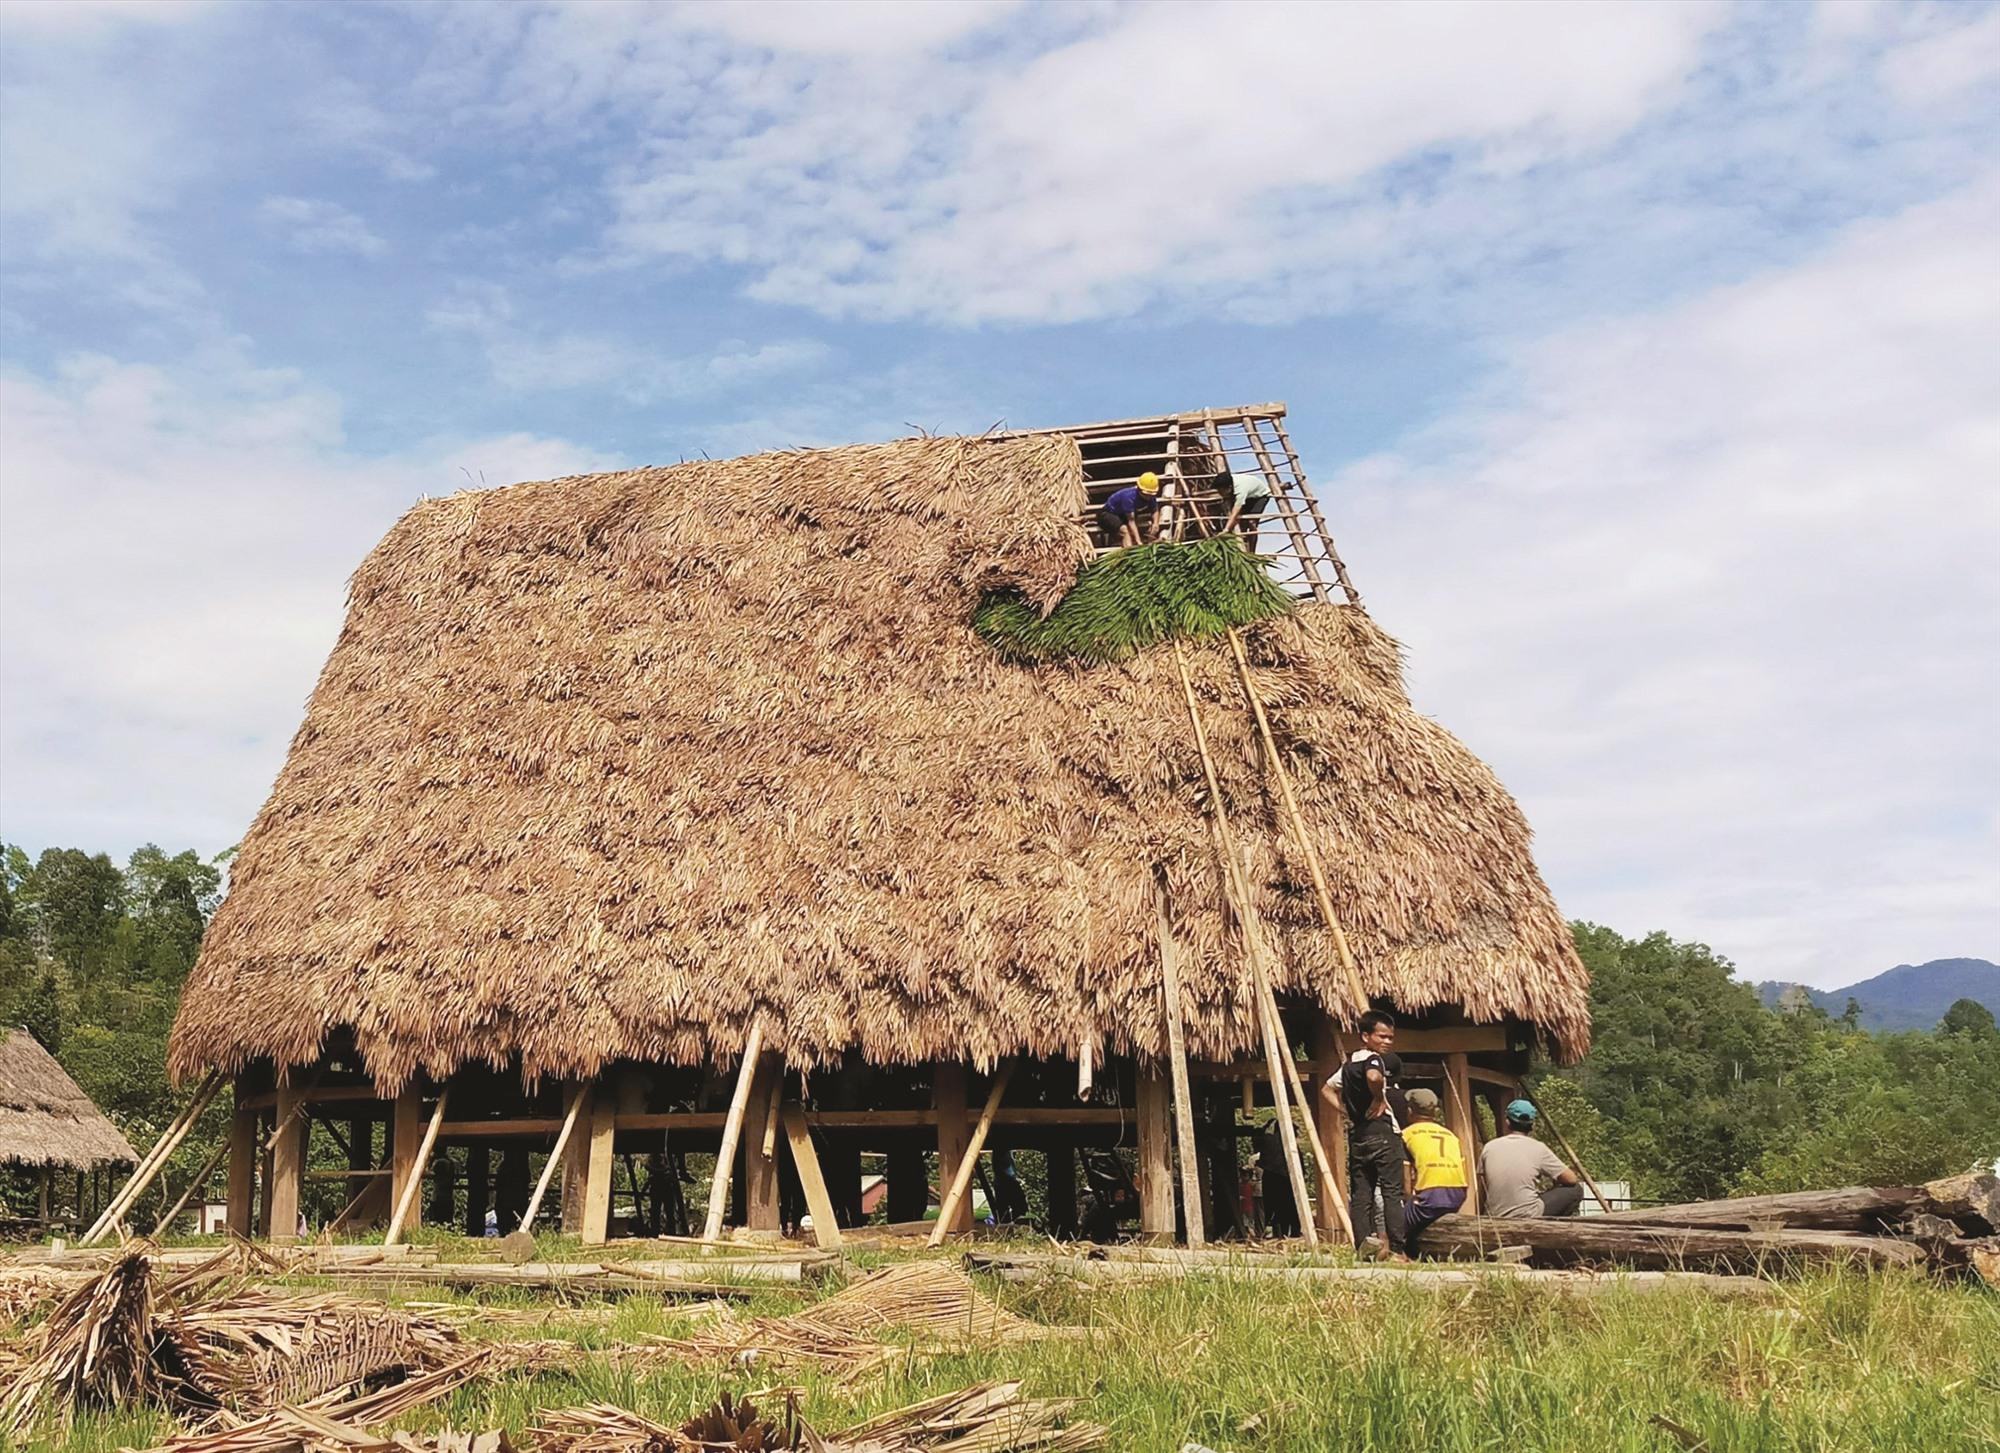 Từ nghị quyết của chi bộ, gươl làng Pơr'ning được khôi phục và đang trong quá trình hoàn thiện. Ảnh: ALĂNG NGƯỚC